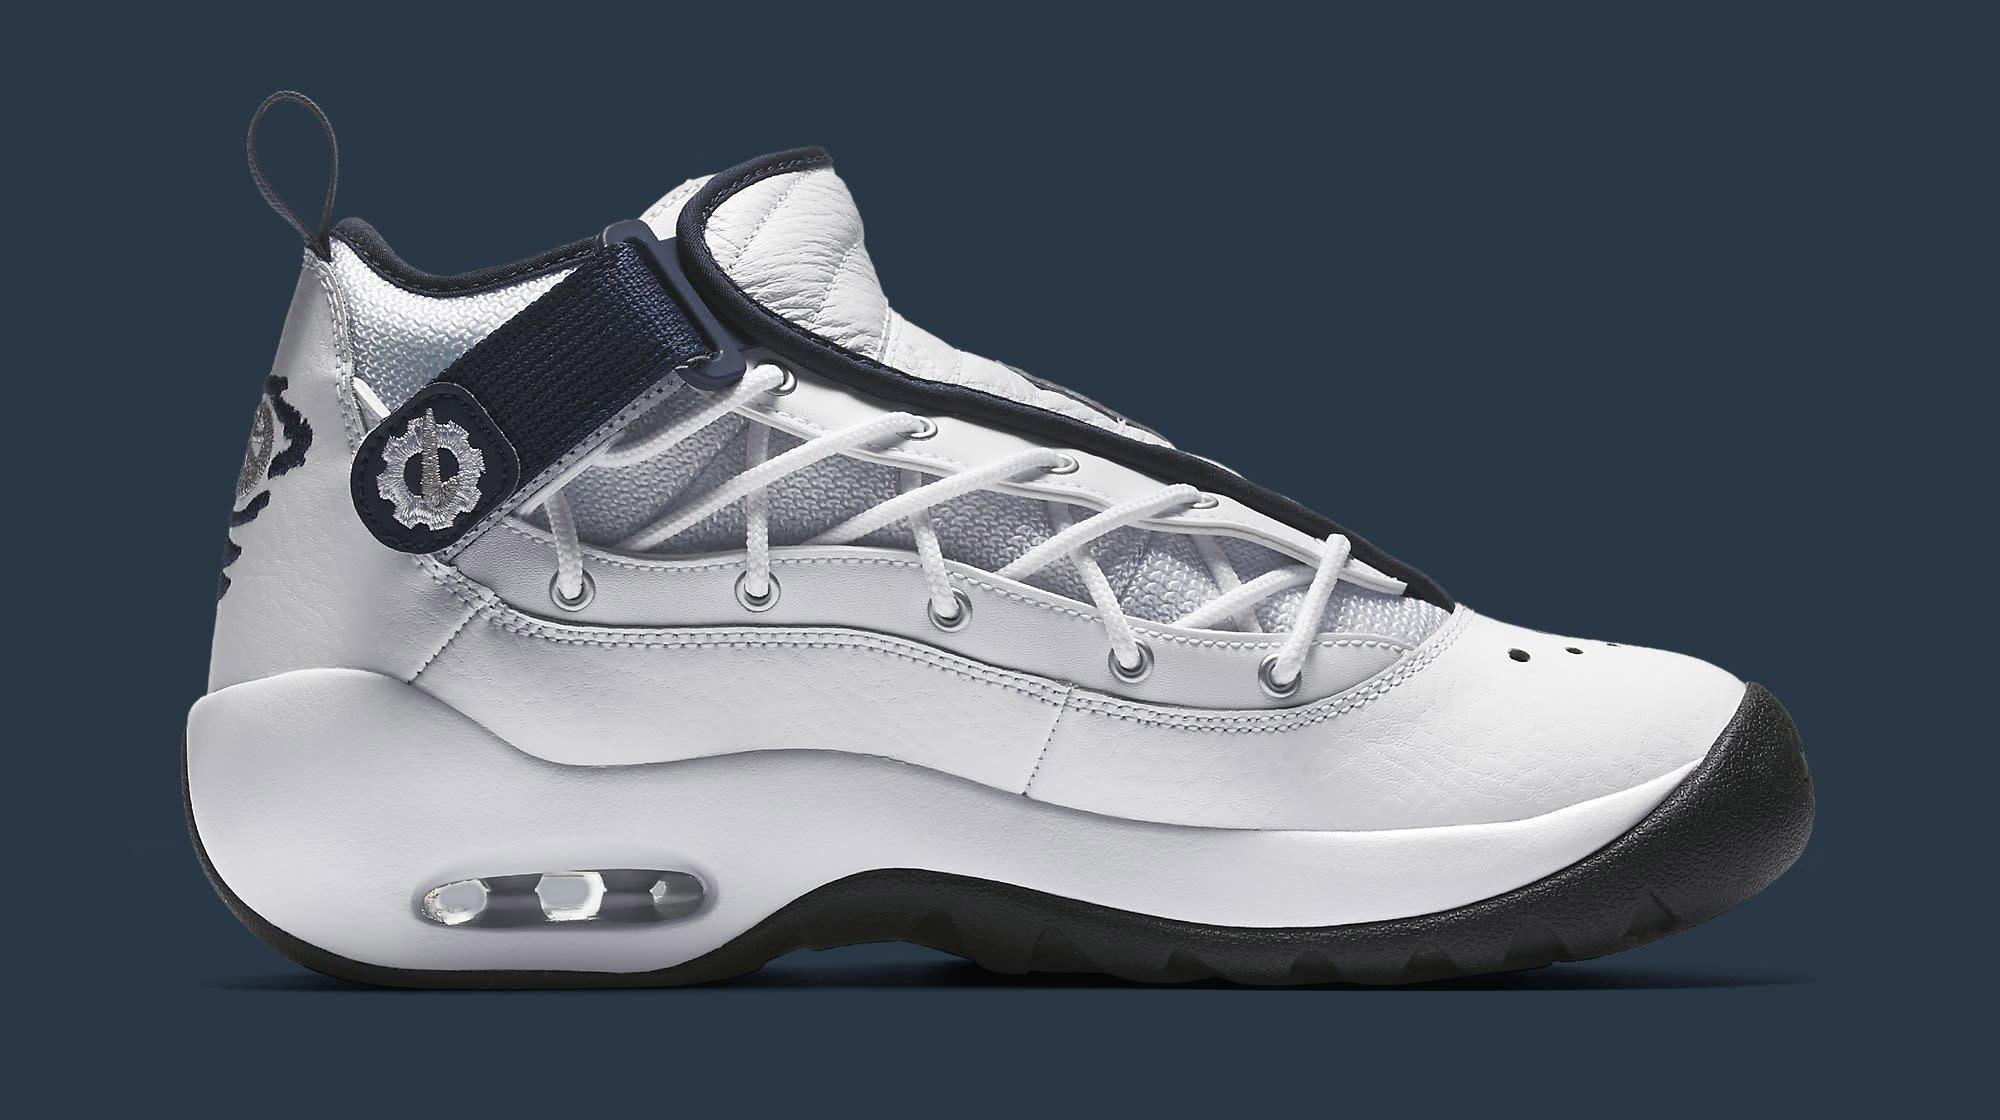 Nike Air Shake Ndestrukt 880869-102 White Navy Medial